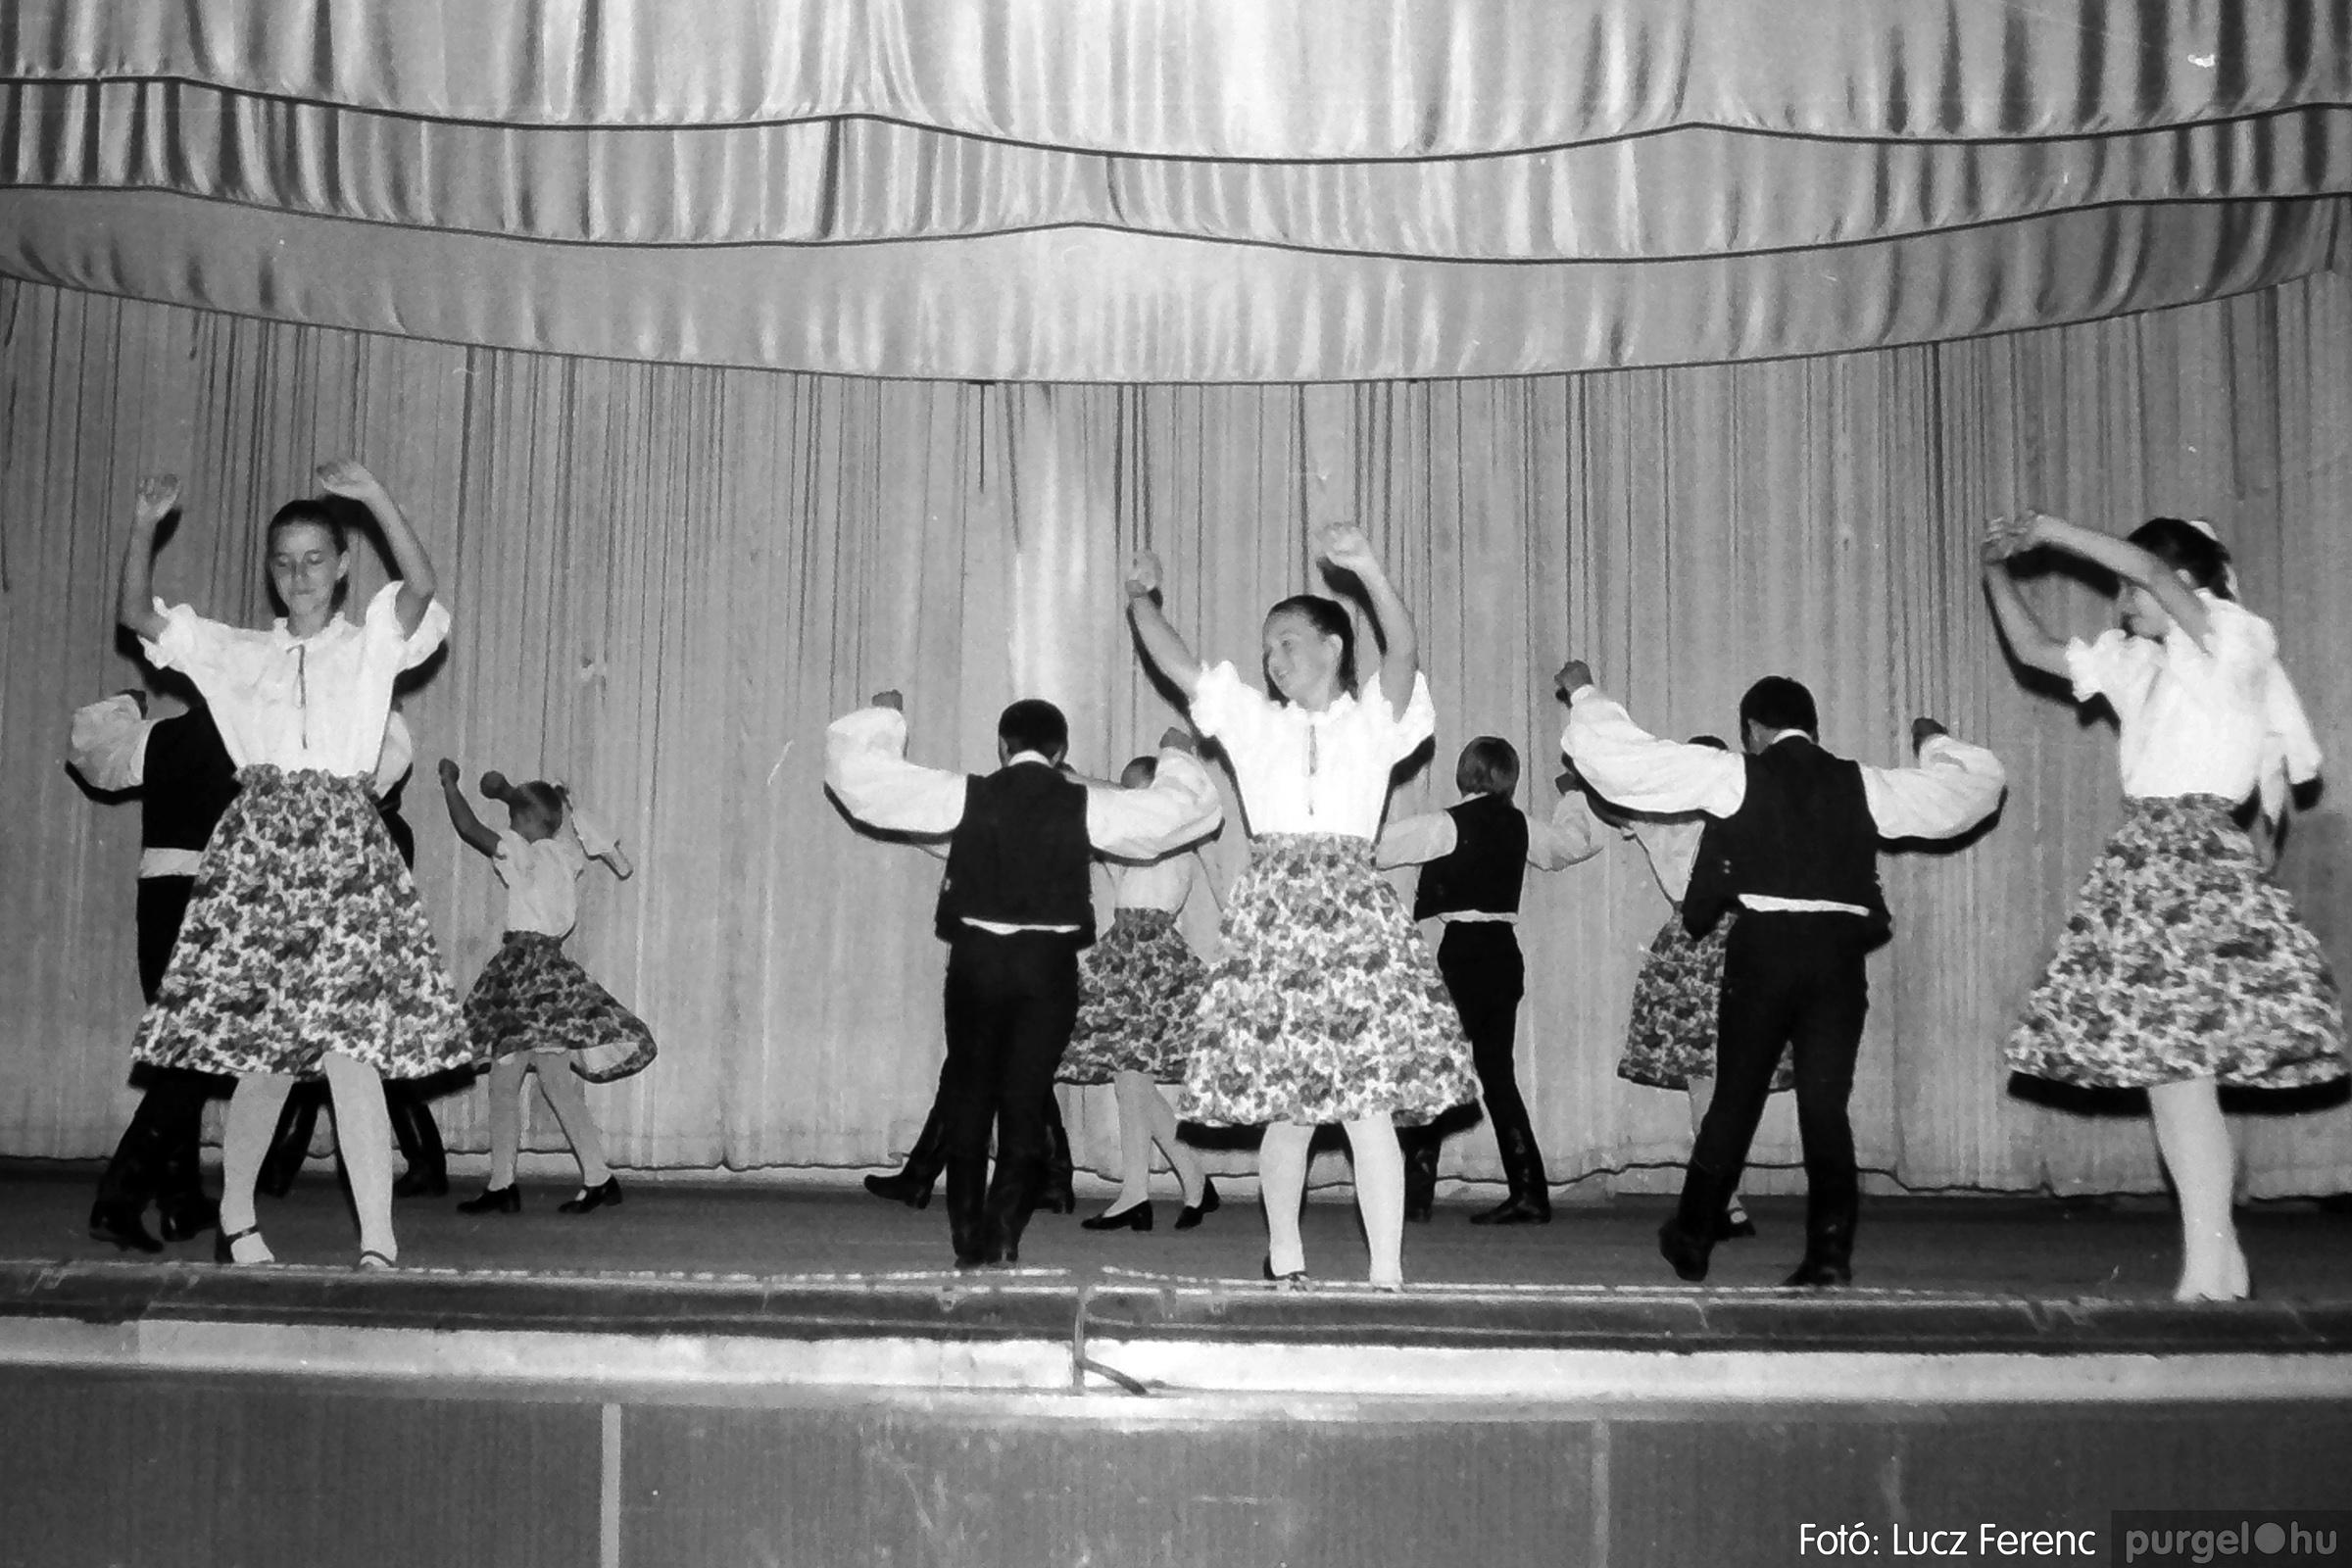 081. 1977. Néptáncosok fellépése a kultúrházban 001. - Fotó: Lucz Ferenc.jpg